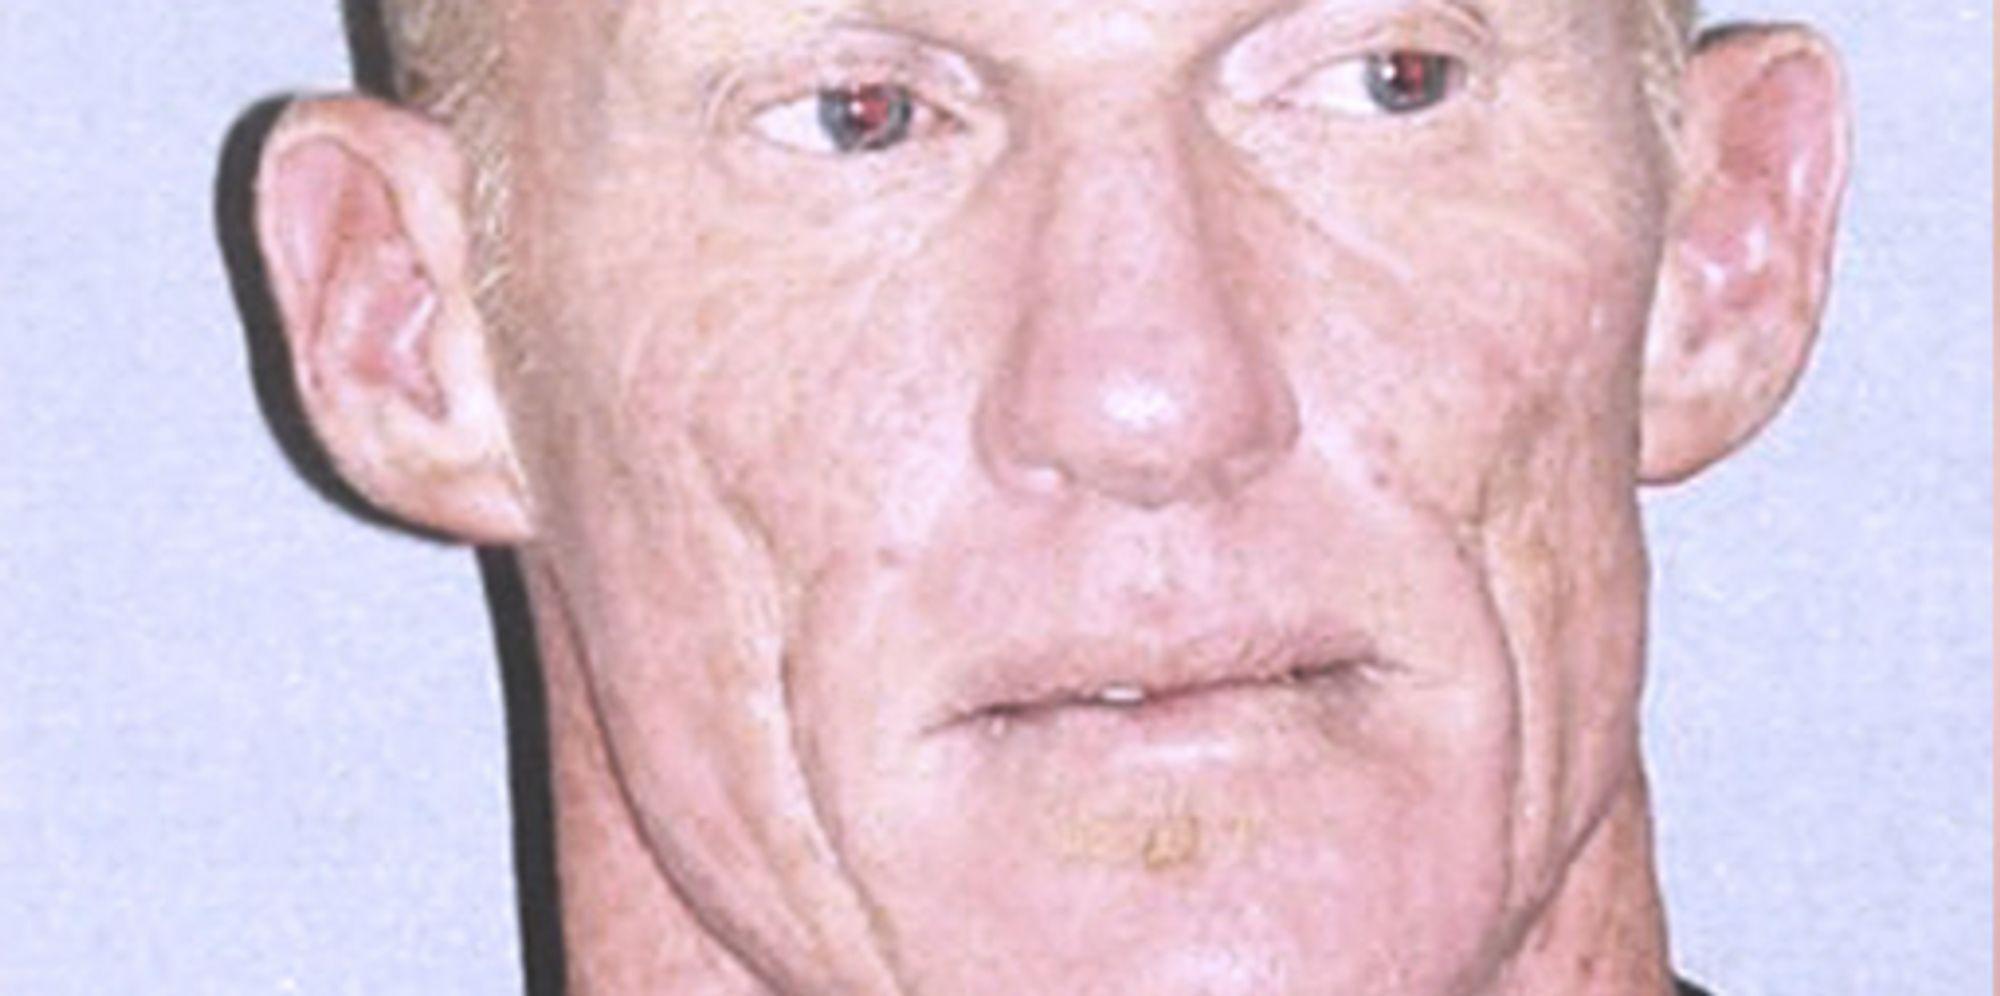 Former NFL Quarterback Todd Marinovich Arrested After